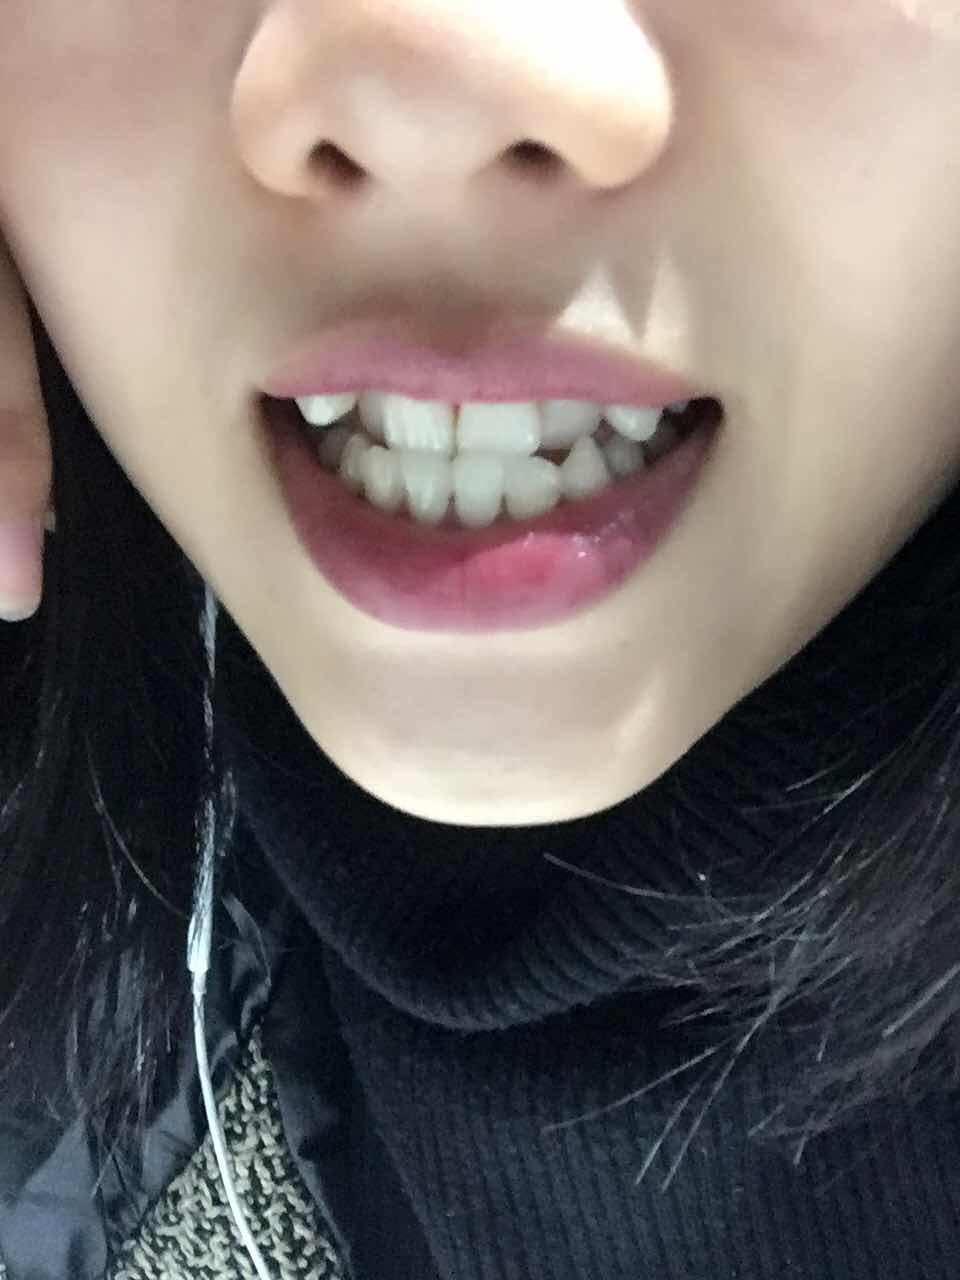 地包天如何矫正,地包天加两个虎牙怎么办?隐形带牙套的话大概需要多少钱?